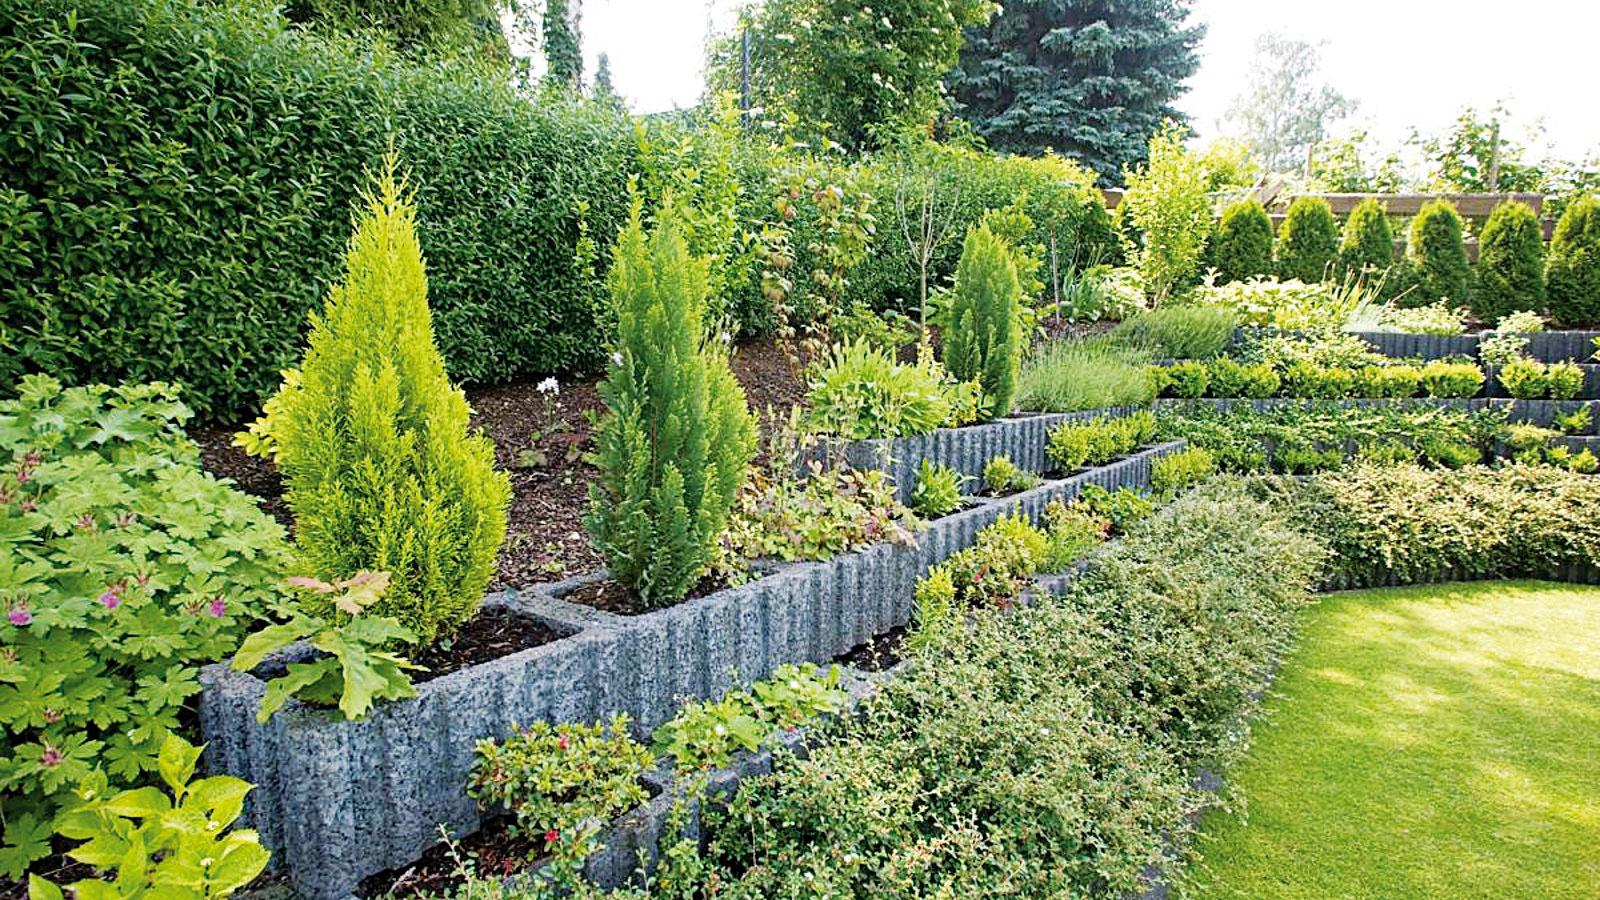 Svahové oporné tvárnice, ktoré predstavujú ideálne riešenie vprípade strmších svahov, sú nielen účelné, ale aj veľmi dekoratívne – možno do nich vysadiť rôznu zeleň. Použiť ich môžete aj vkvetinových záhonoch, kde zastúpia vegetačné nádoby (svahová oporná tvárnica Rasterflor od spoločnosti Premac, 60 × 25 × 40 cm, aj vo verzii MIN sdĺžkou 30 cm, 3 farby).